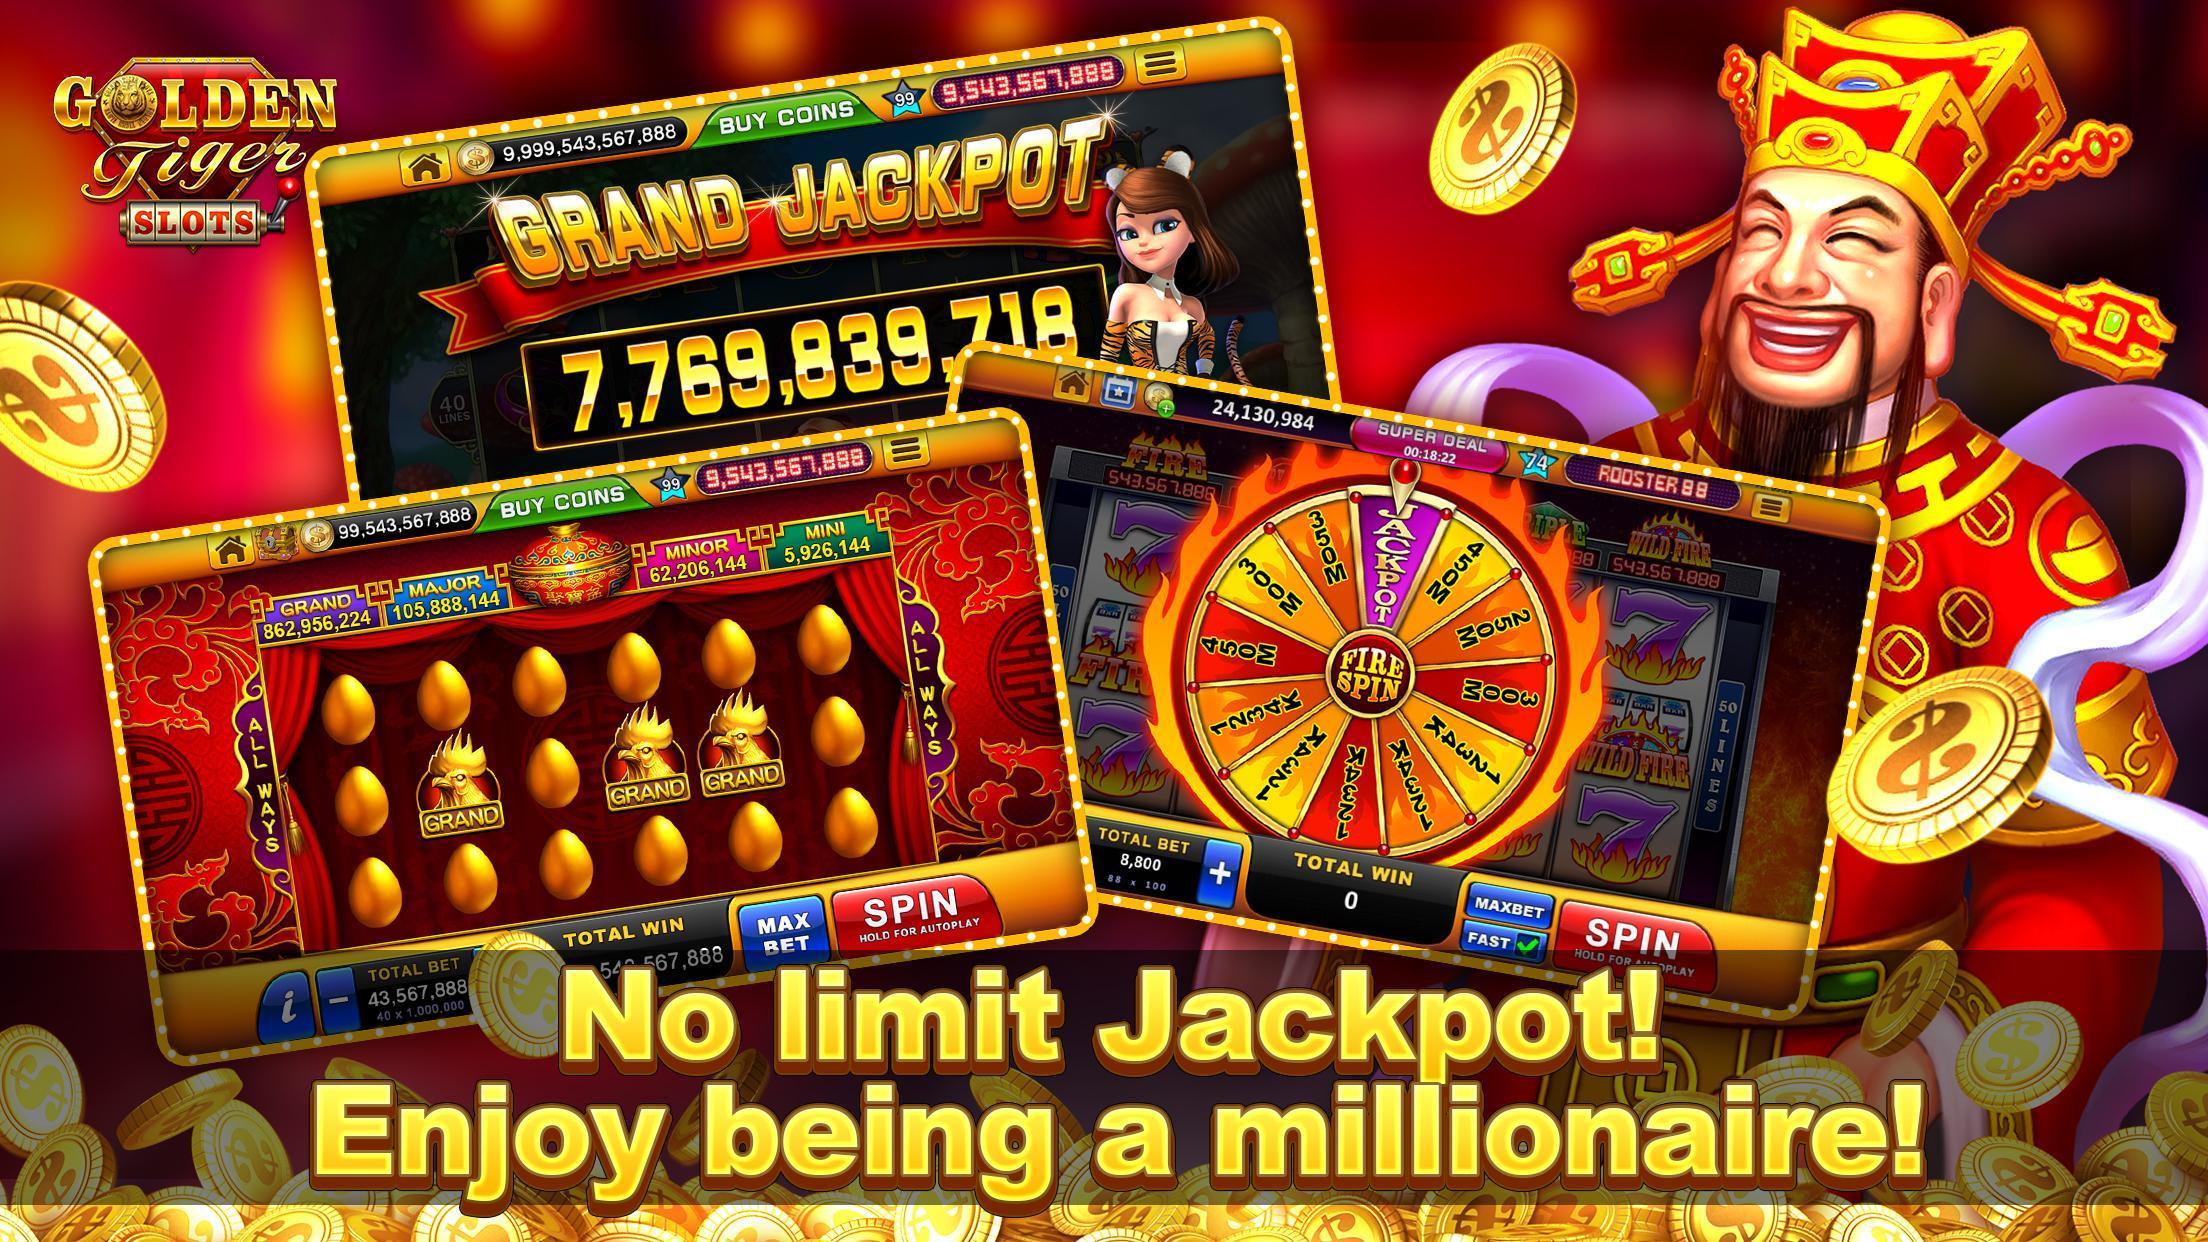 Online Casino Golden Games